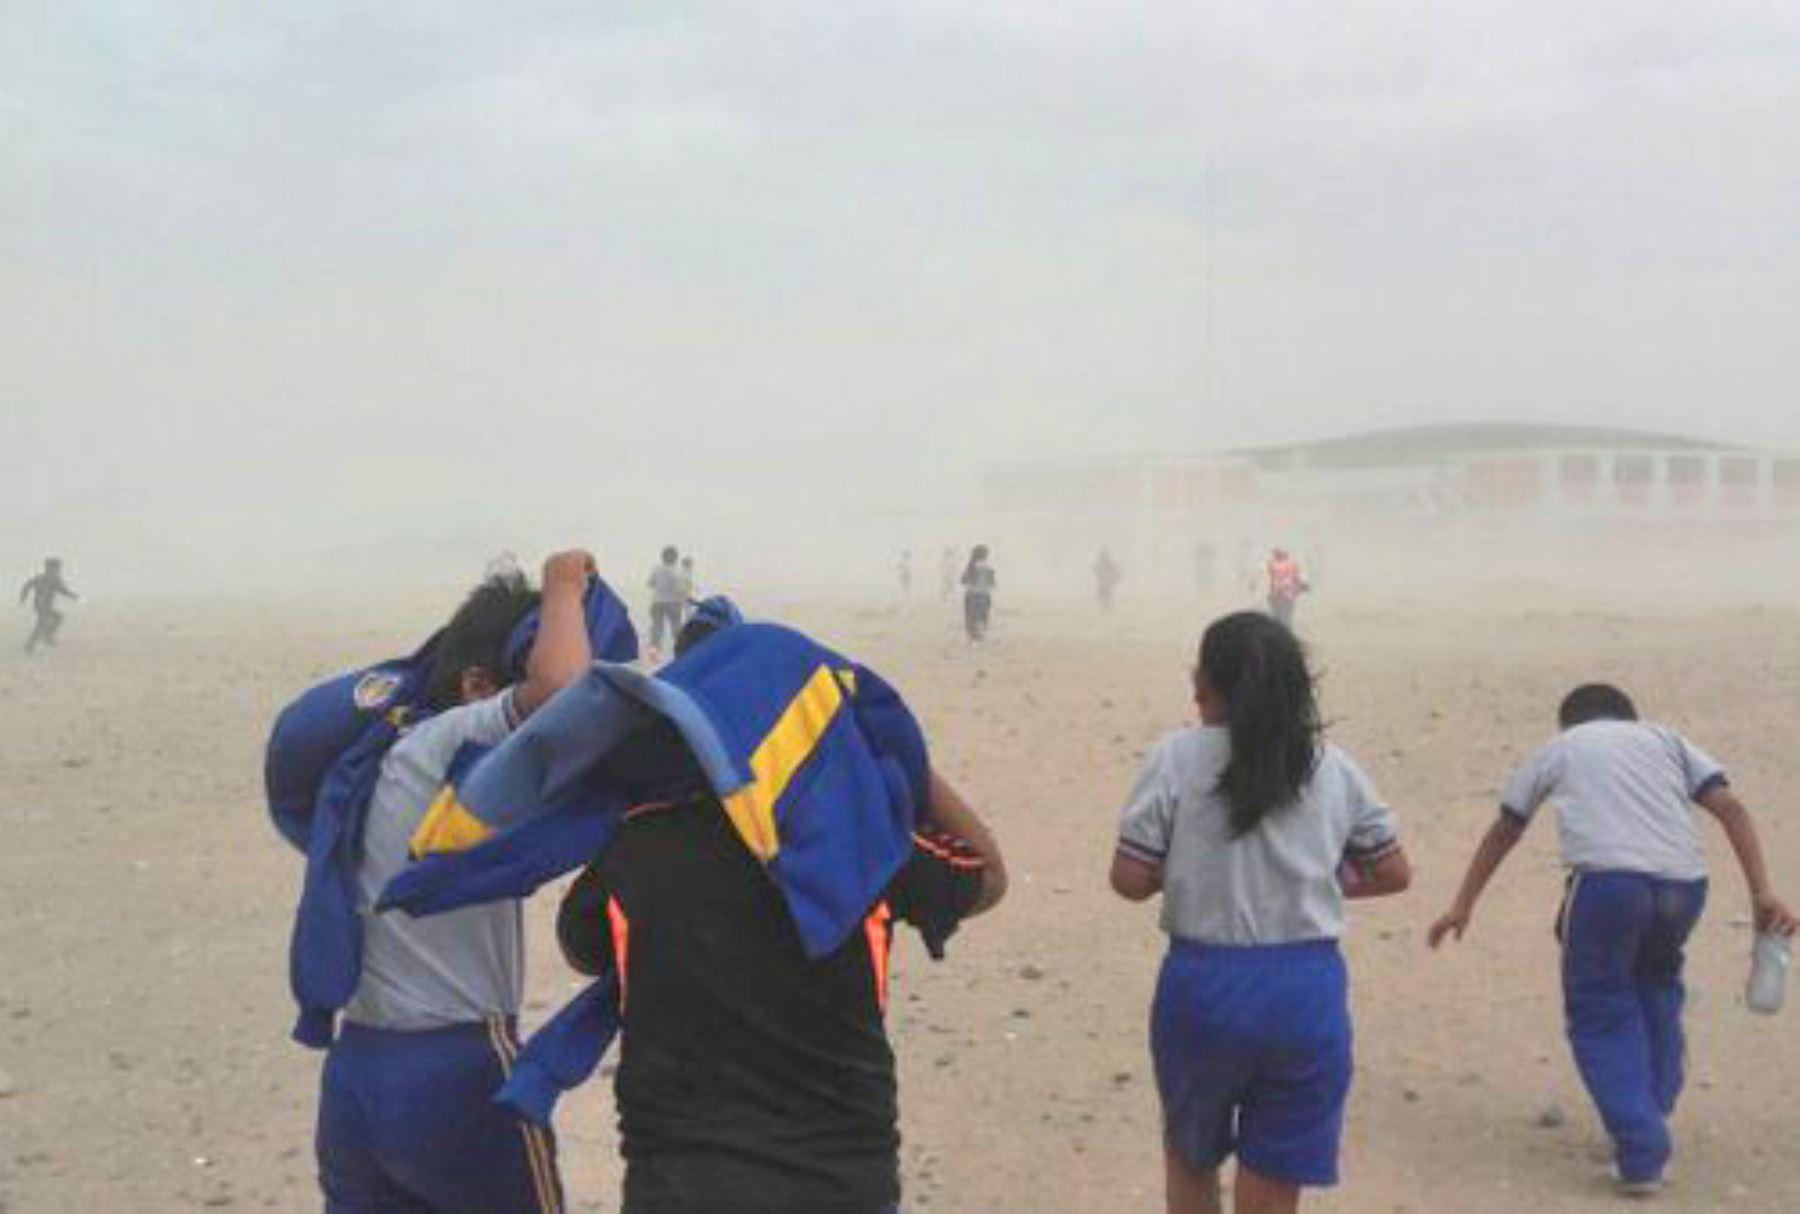 Desde mañana sábado 12 hasta el martes 15 de enero se prevé el incremento del viento en la costa, desde Piura hasta Tacna. El viento más intenso se registrará los días 13 y 14 de enero en la costa central y norte, con velocidades por encima de los 30 kilómetros por hora y ráfagas superiores a los 50 kilómetros por hora en Ica. ANDINA/Difusión